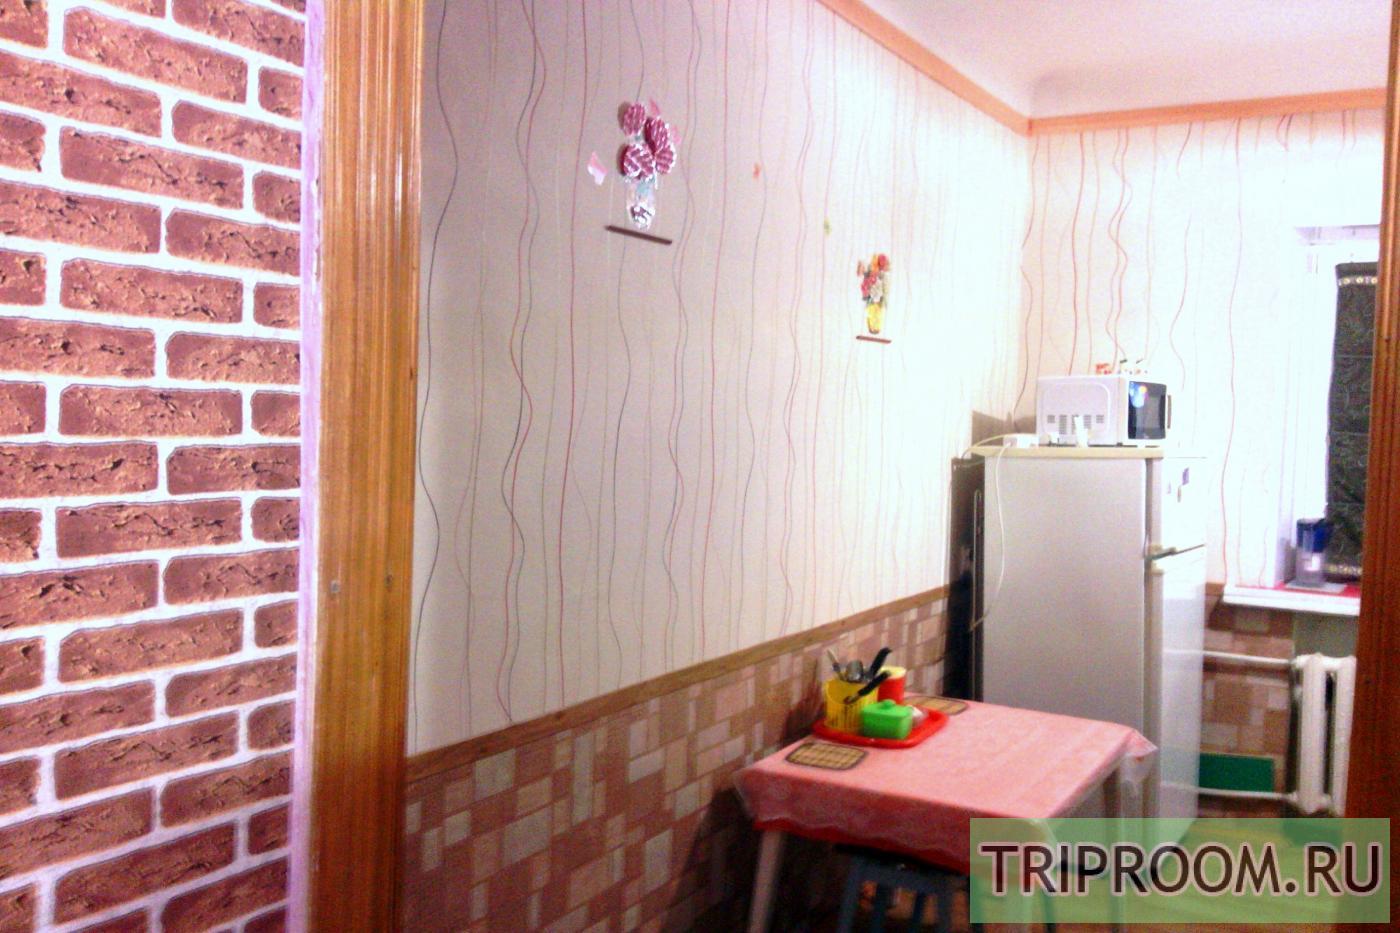 2-комнатная квартира посуточно (вариант № 12156), ул. ангарская улица, фото № 2